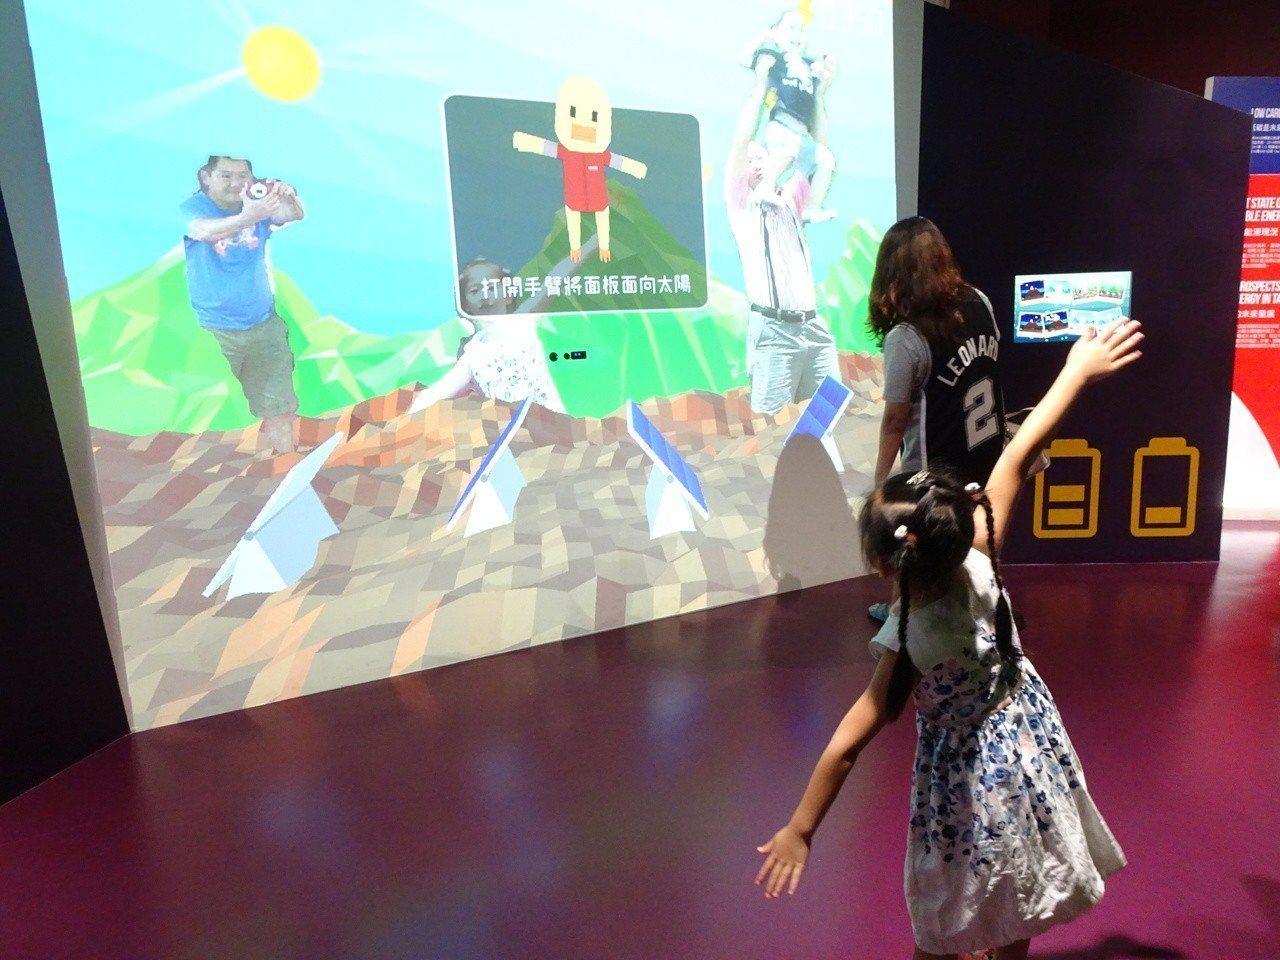 台電南部展示館的數位互動趣味遊戲,受親子遊客喜愛。記者潘欣中/攝影